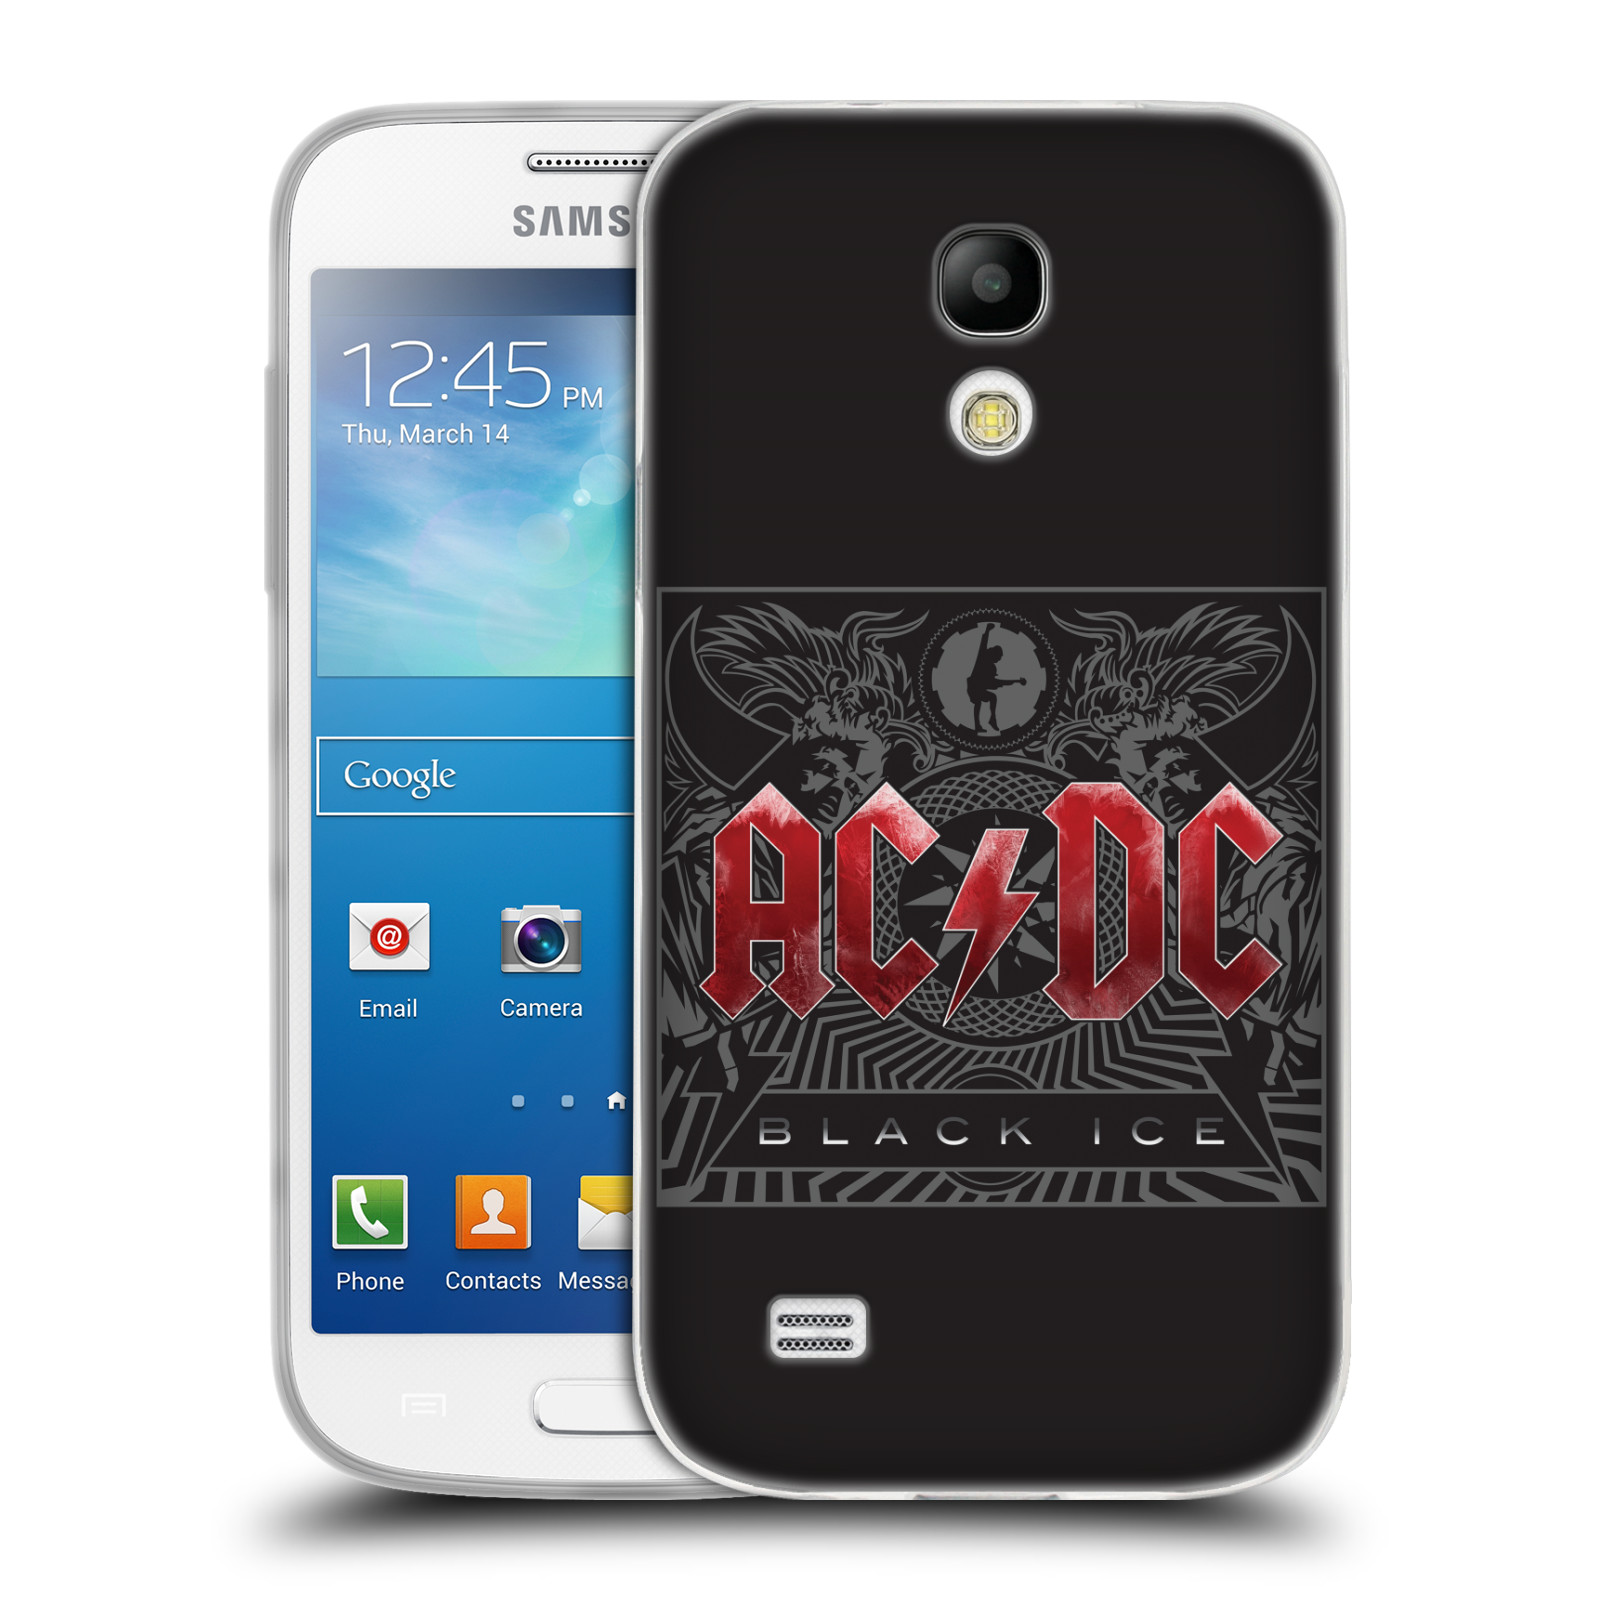 Silikonové pouzdro na mobil Samsung Galaxy S4 Mini HEAD CASE AC/DC Black Ice (Silikonový kryt či obal na mobilní telefon s oficiálním motivem australské skupiny AC/DC pro Samsung Galaxy S4 Mini GT-i9195 / i9190)